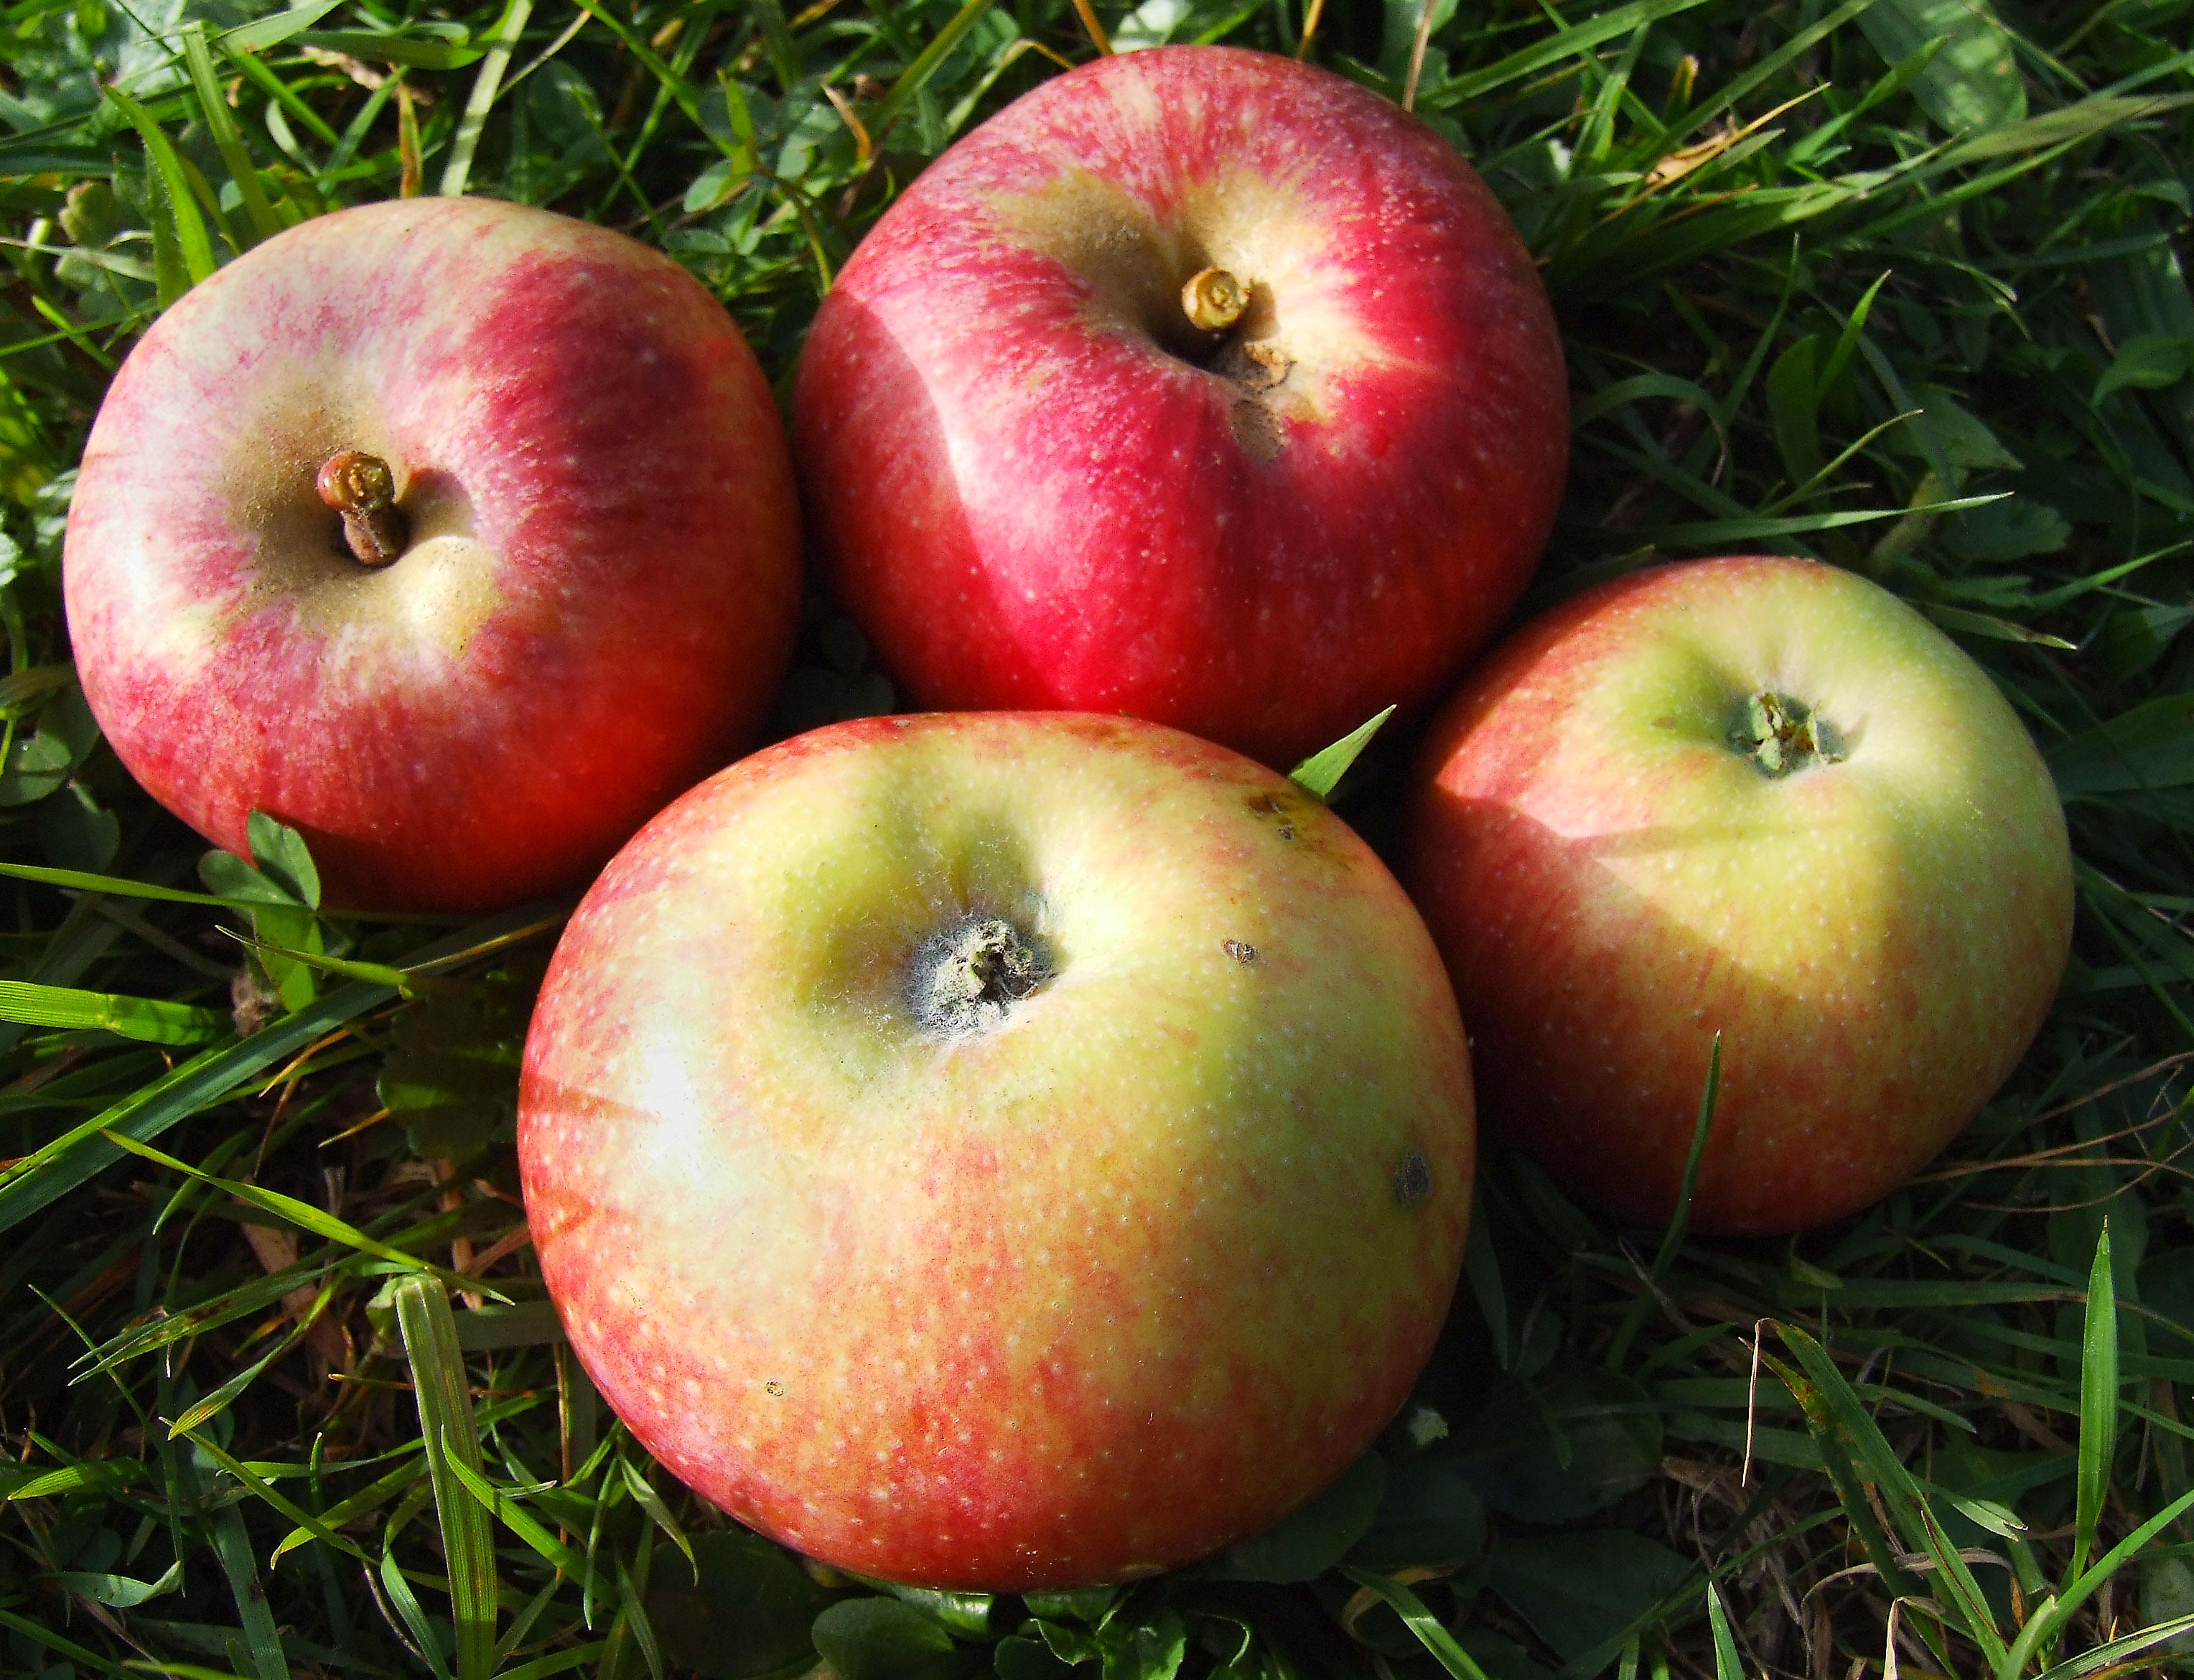 """Résultat de recherche d'images pour """"pomme jonagored"""""""